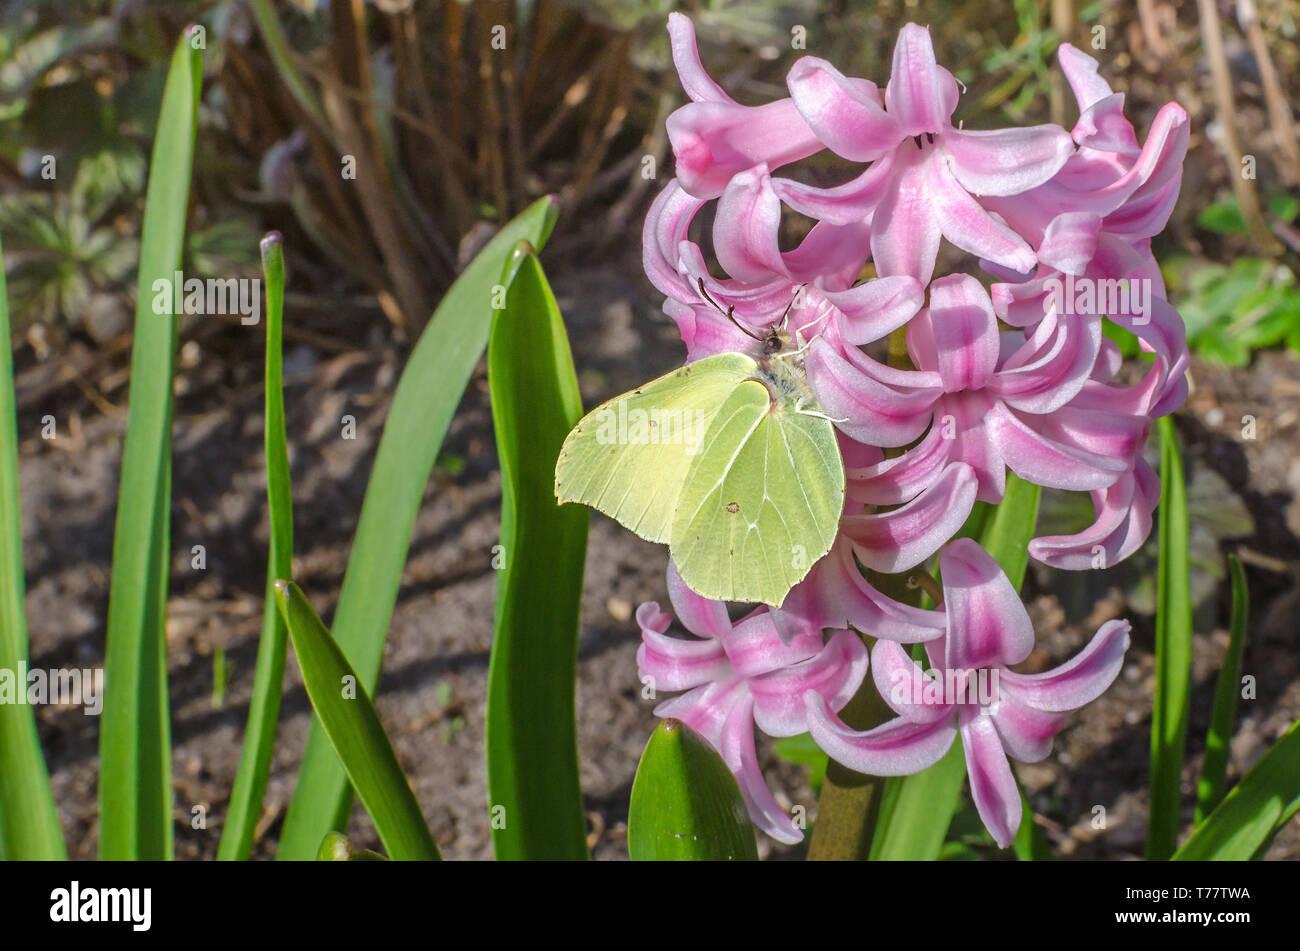 Farfalla di un genere Gonepteryx della famiglia Pieridae comunemente noto come brimstone alimentando il nettare di rosa fiori di giacinto Immagini Stock